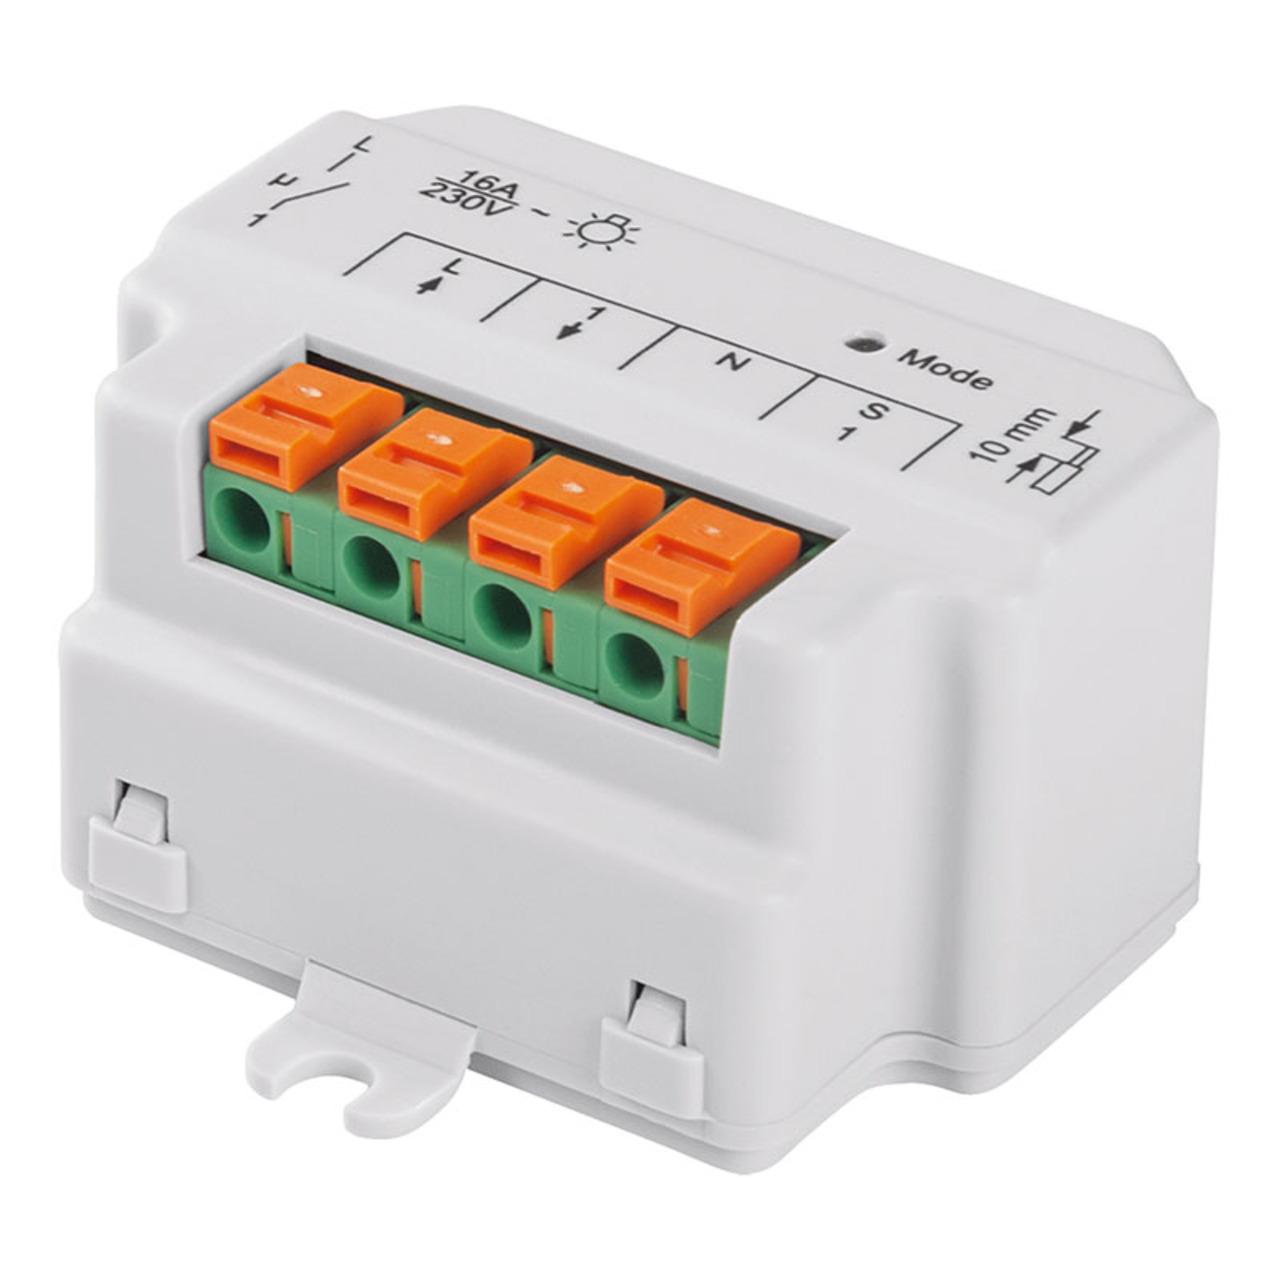 Homematic Unterputzschalter- 1fach HM-LC-SW1-FM für Smart Home / Hausautomation